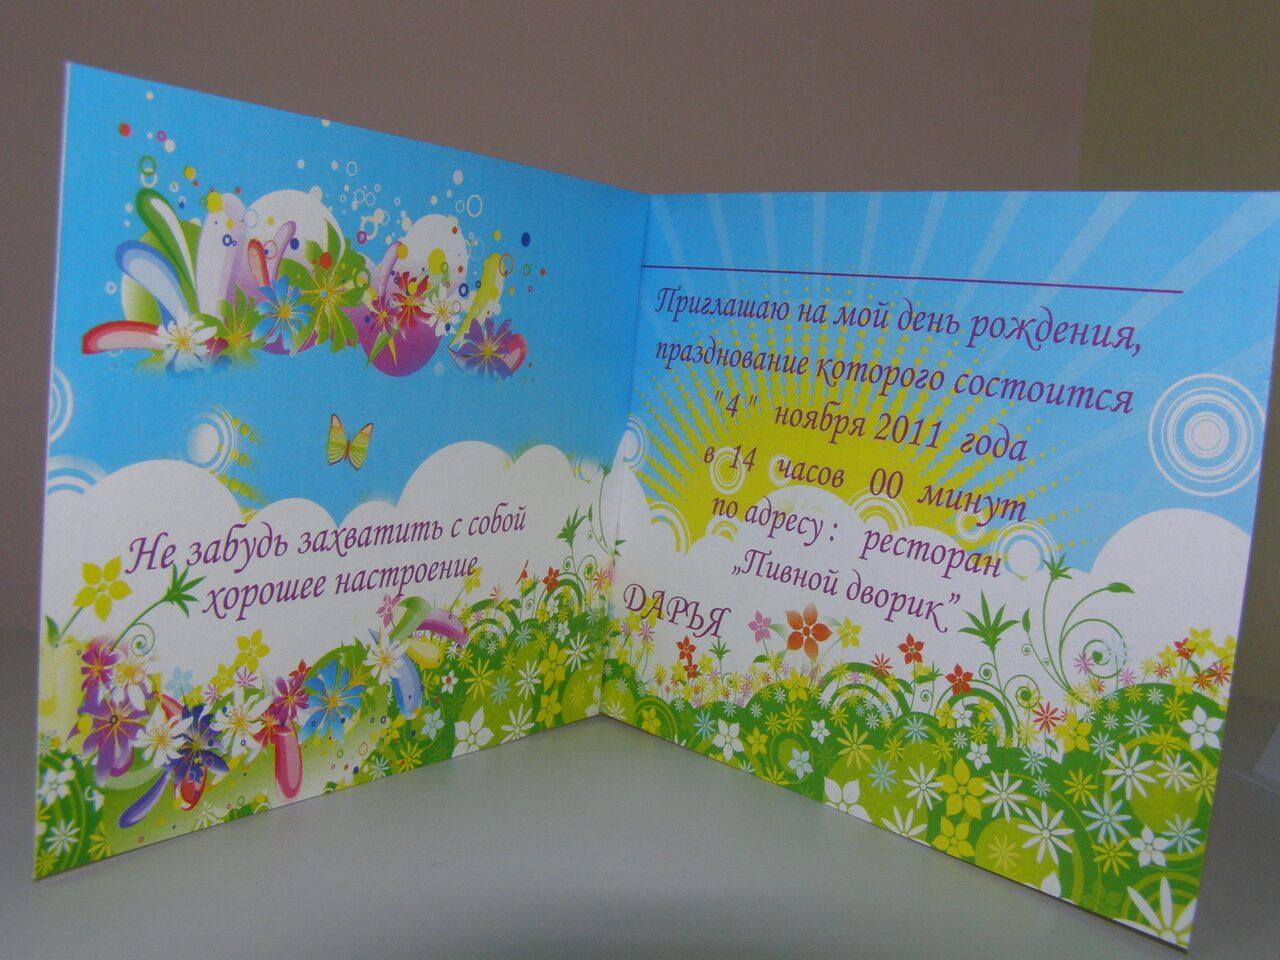 Как написать приглашения на день рождения своими руками